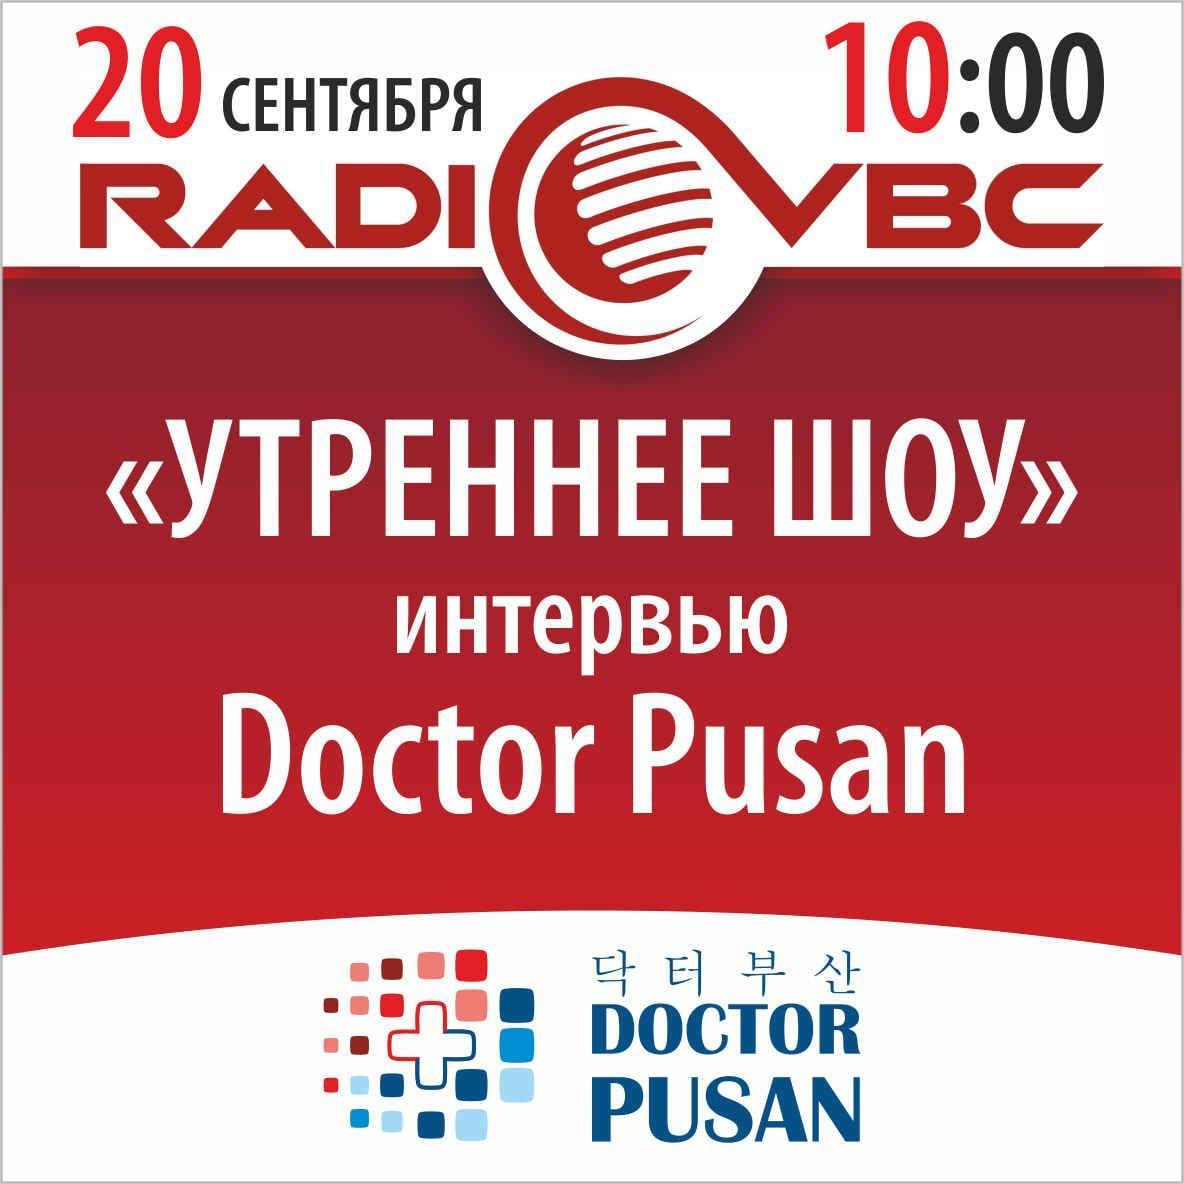 Doctor Pusan в эфире Радио VBC